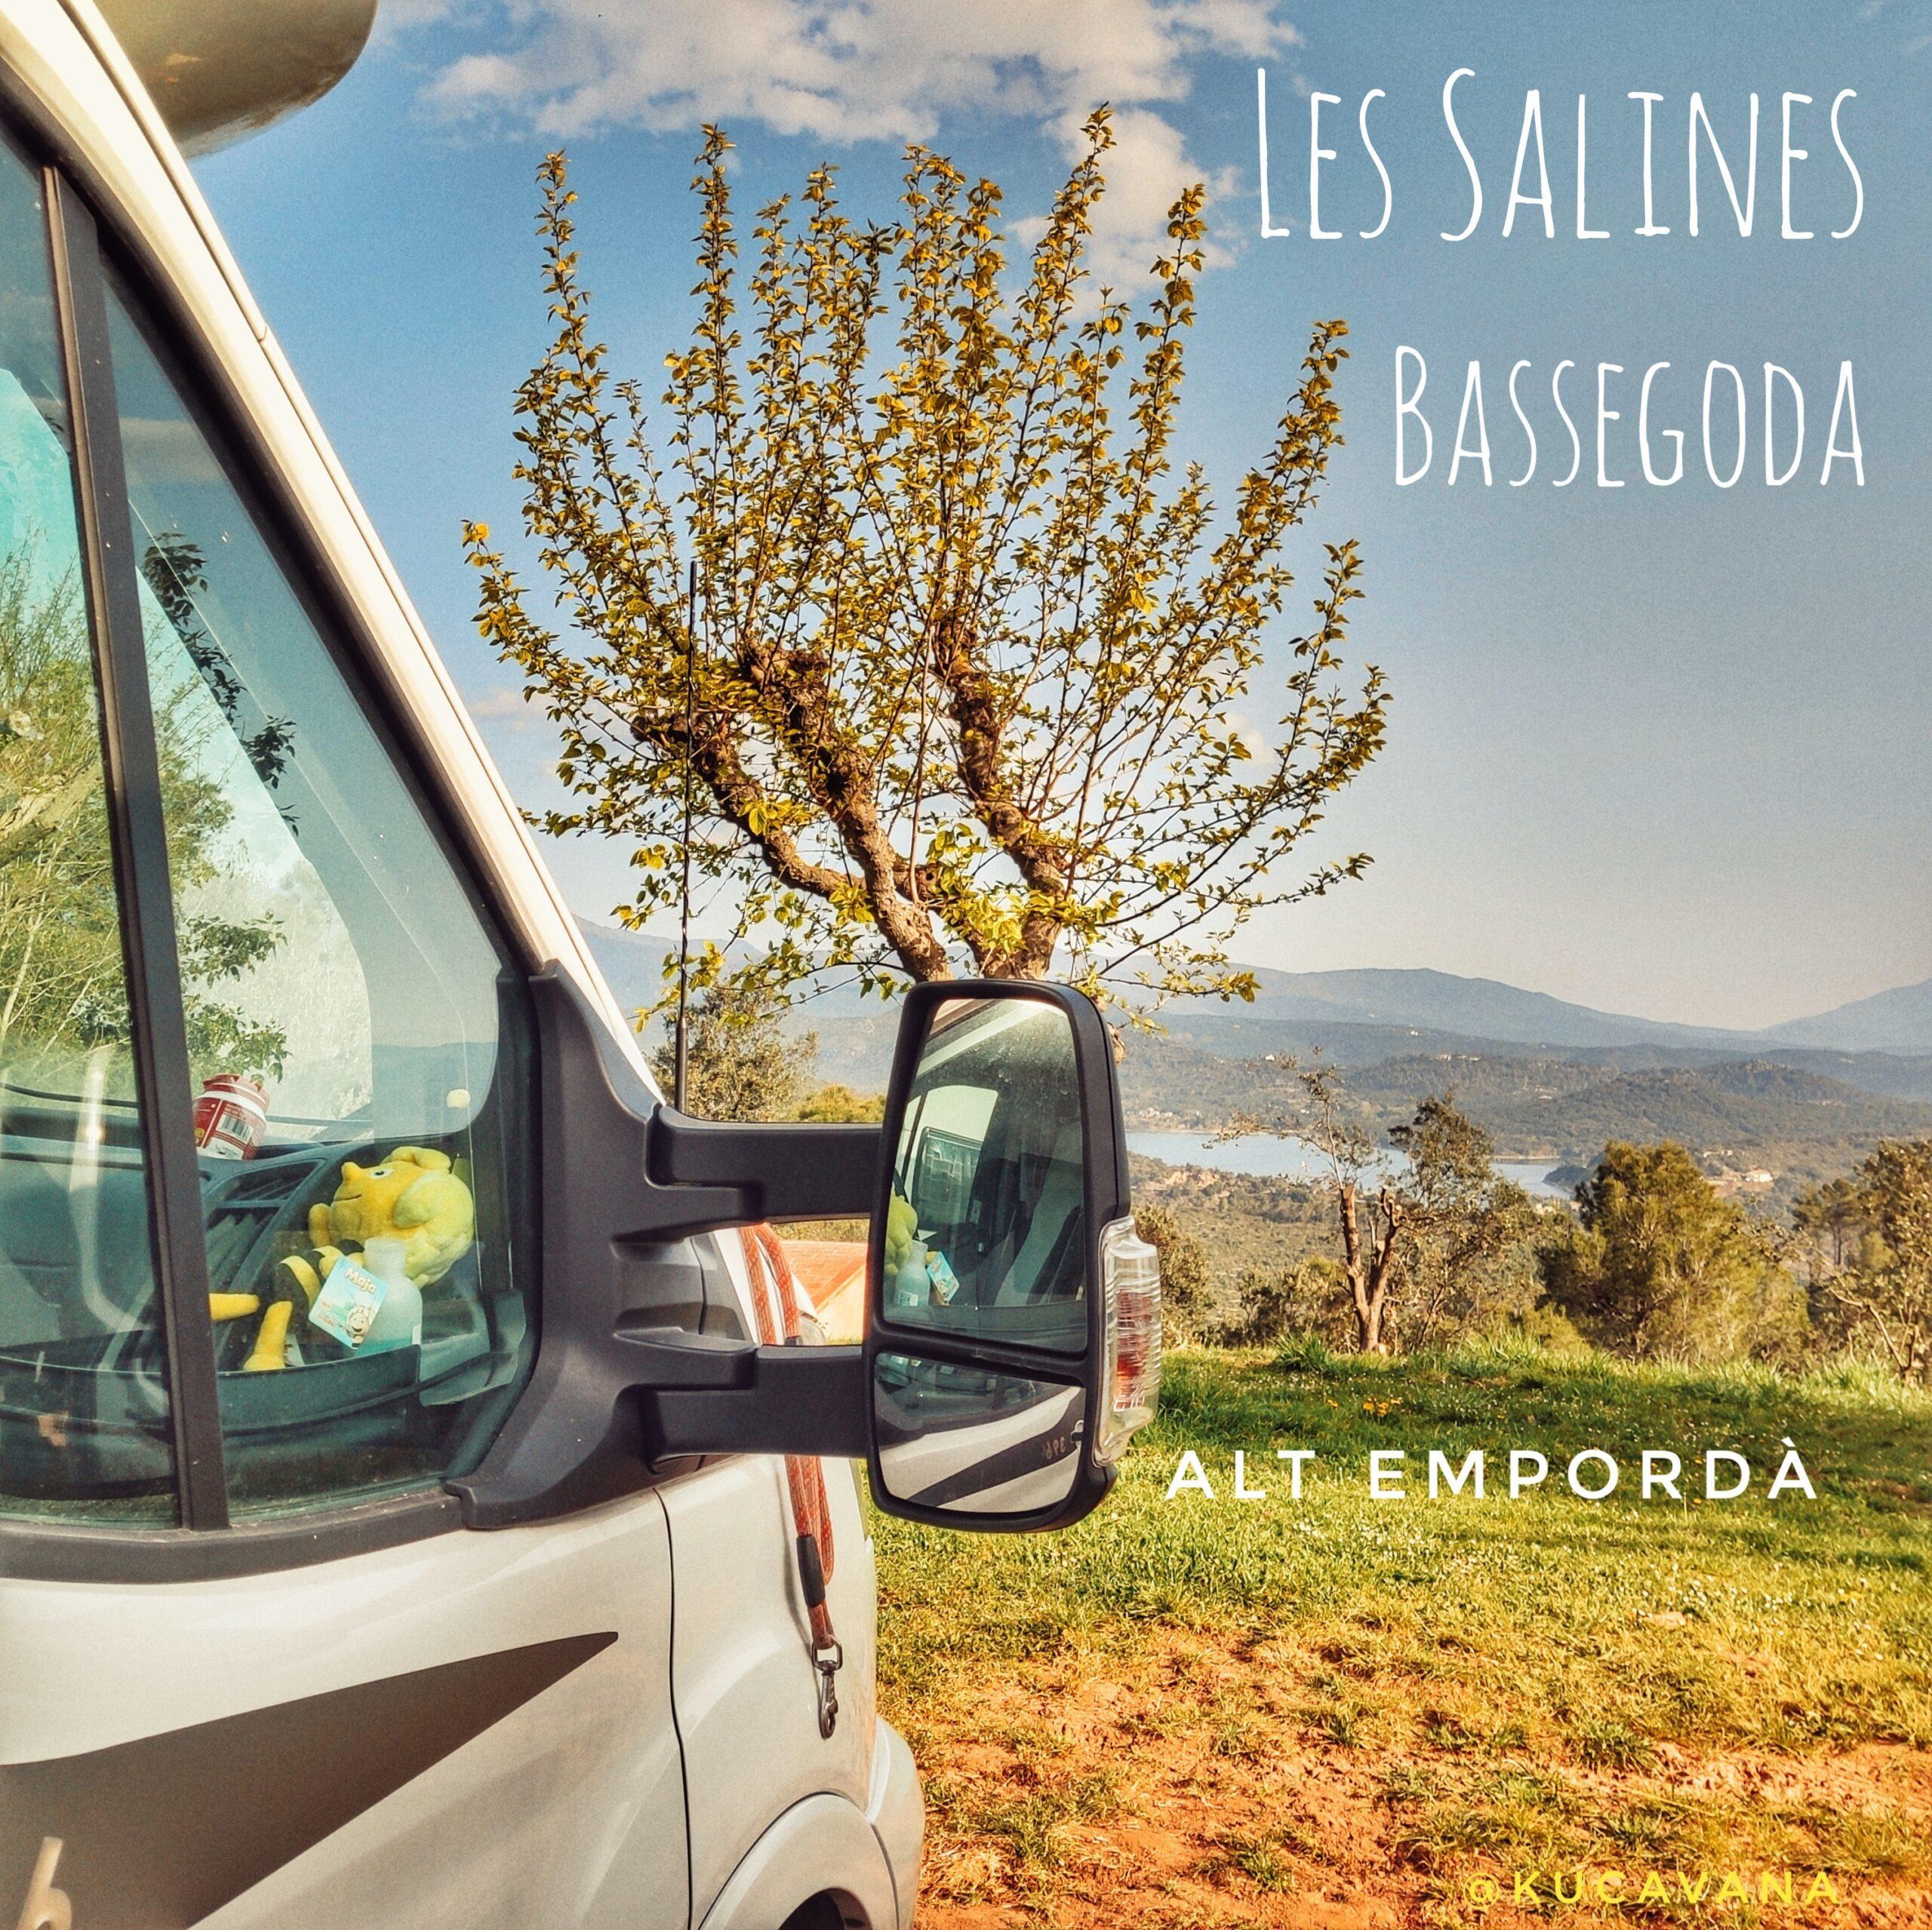 Le Massís de les Salines et la Bassegoda dans l'Alt Empordà en 6 plans essentiels